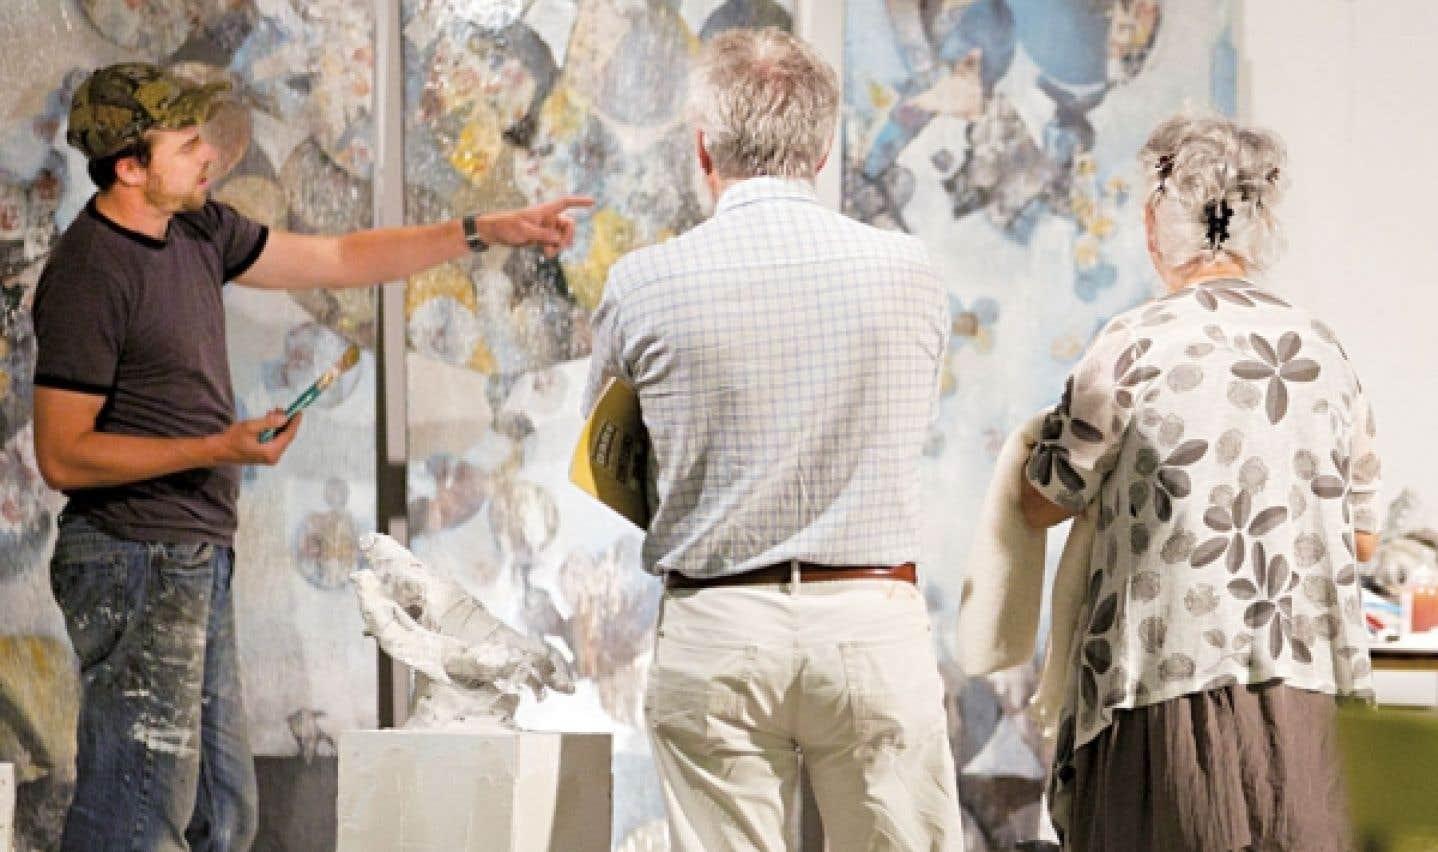 Le Symposium international d'art contemporain de Baie-Saint-Paul, tient sa 30e édition en août.